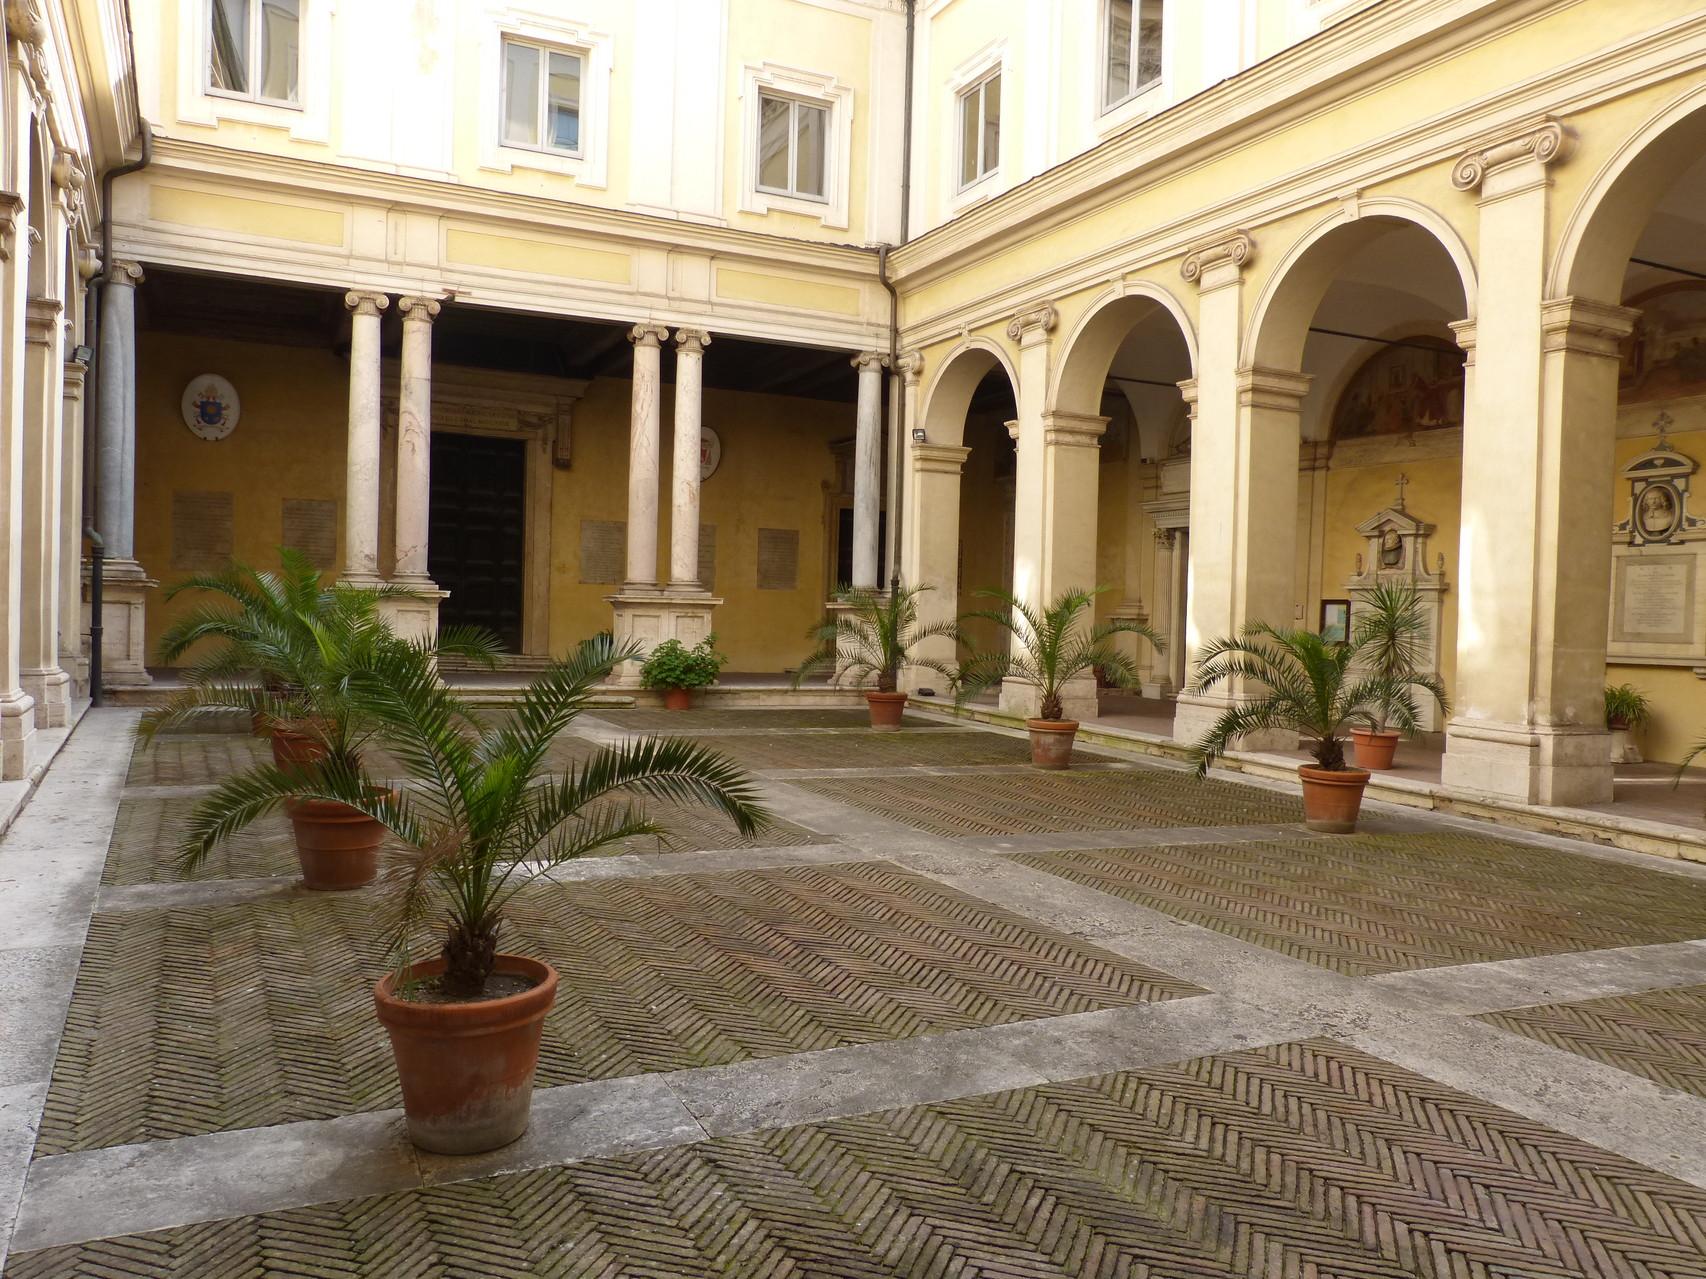 Basilica S. Gregorio Magno